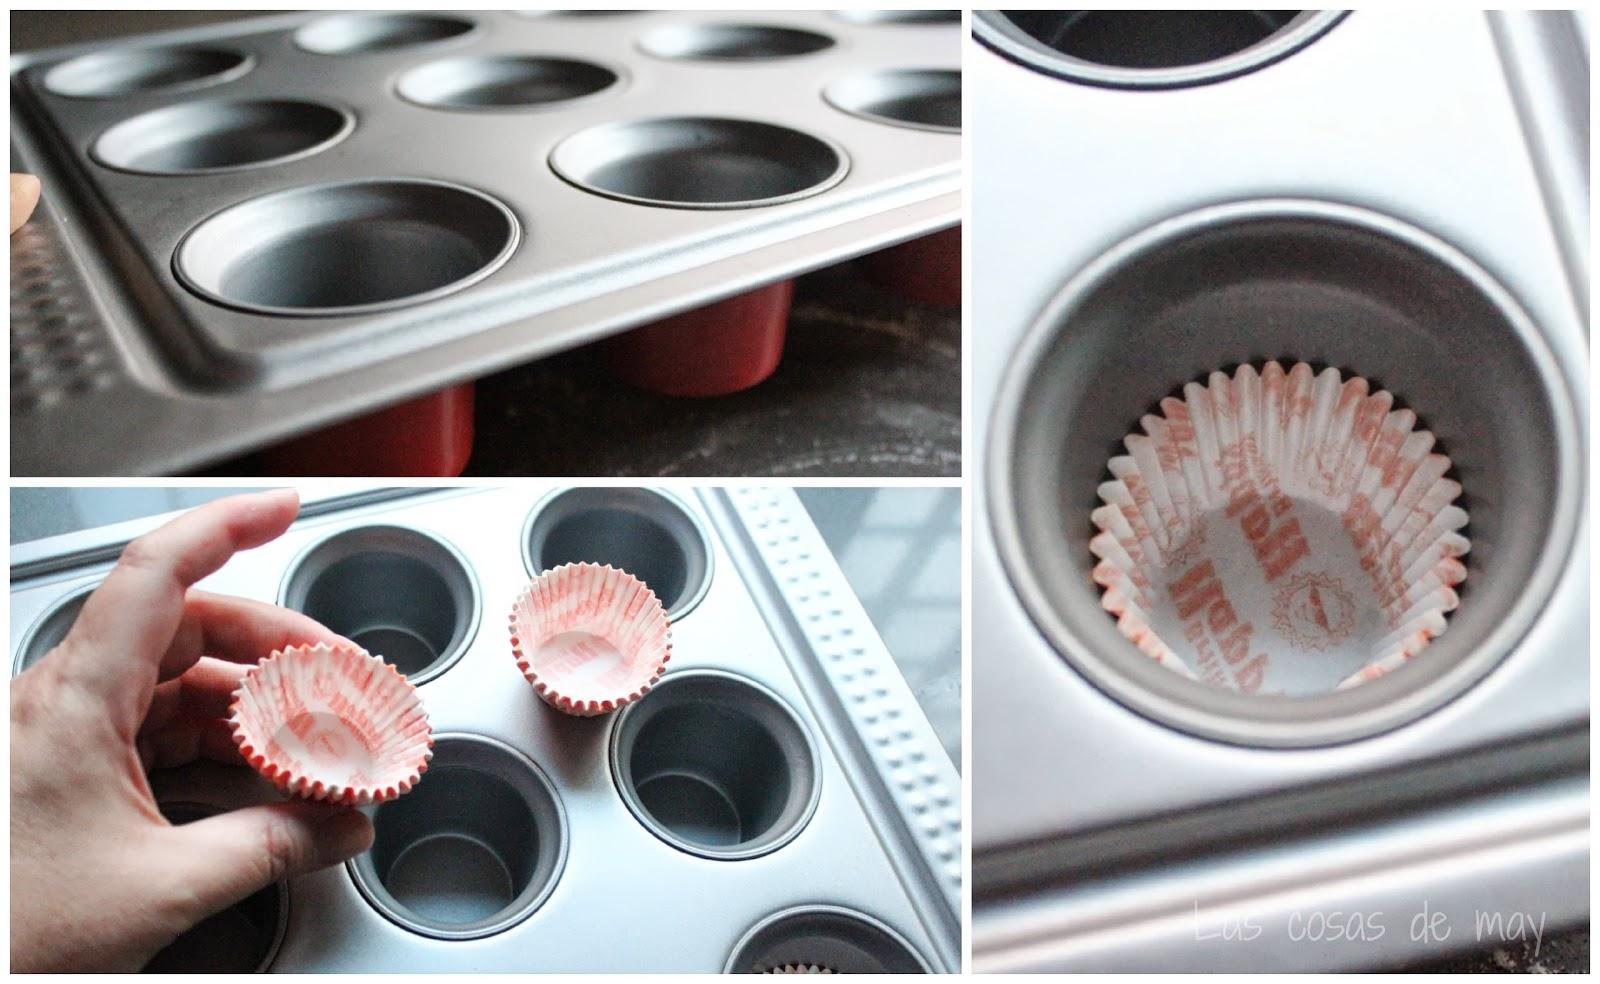 Tiempo Baño Maria Bonito:RECETA COCINA Minibocaditos al aroma de azahar cubiertos con chocolate